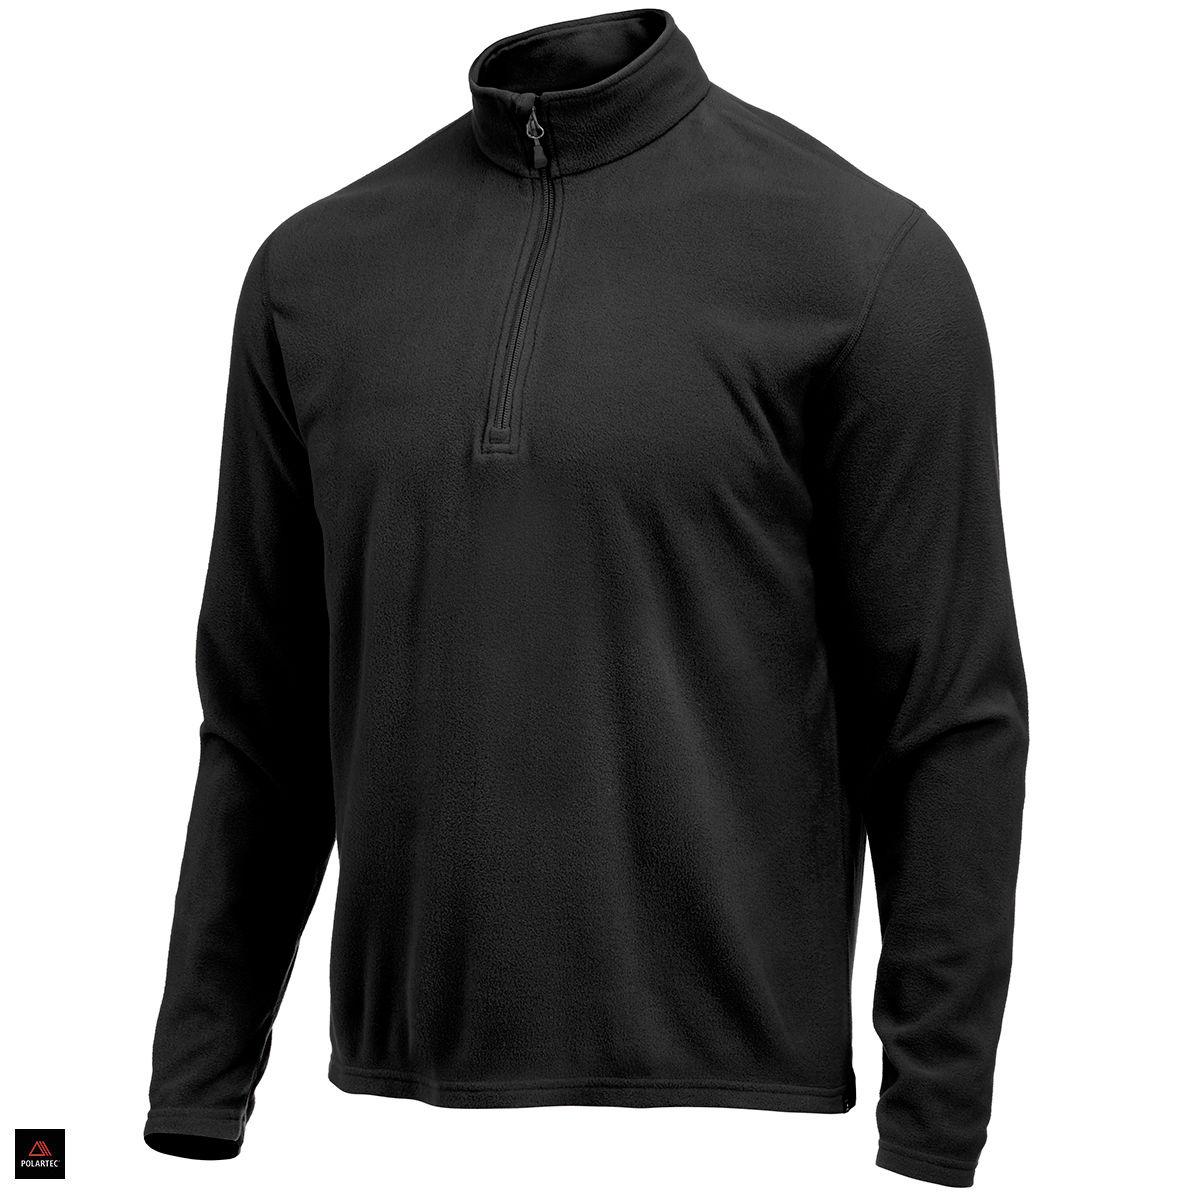 EMS Classic 1/4 Zip Micro Fleece